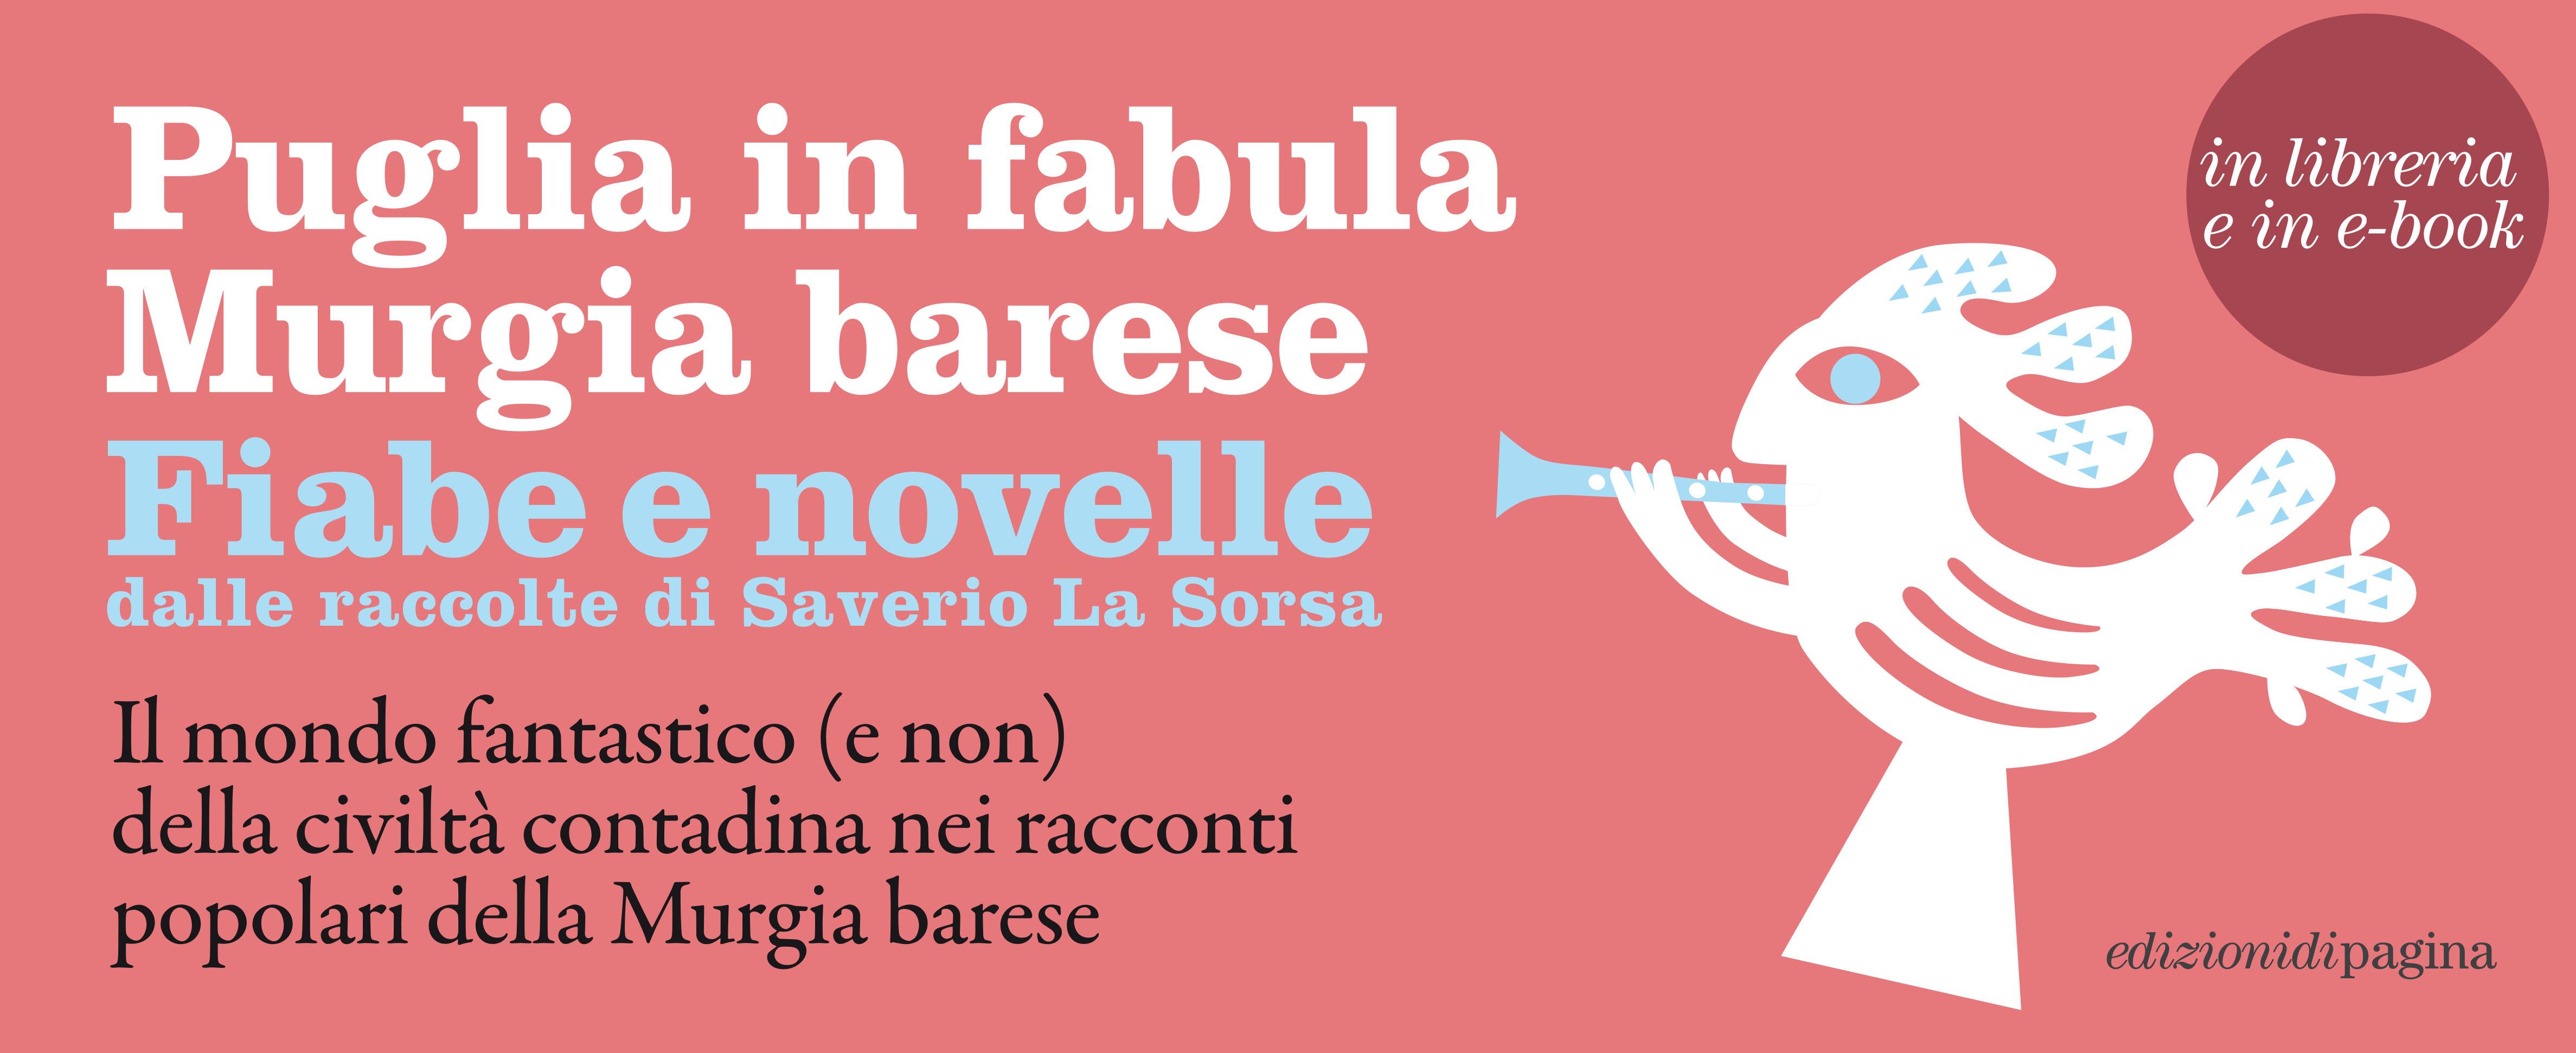 Banner Puglia in fabula. Murgia